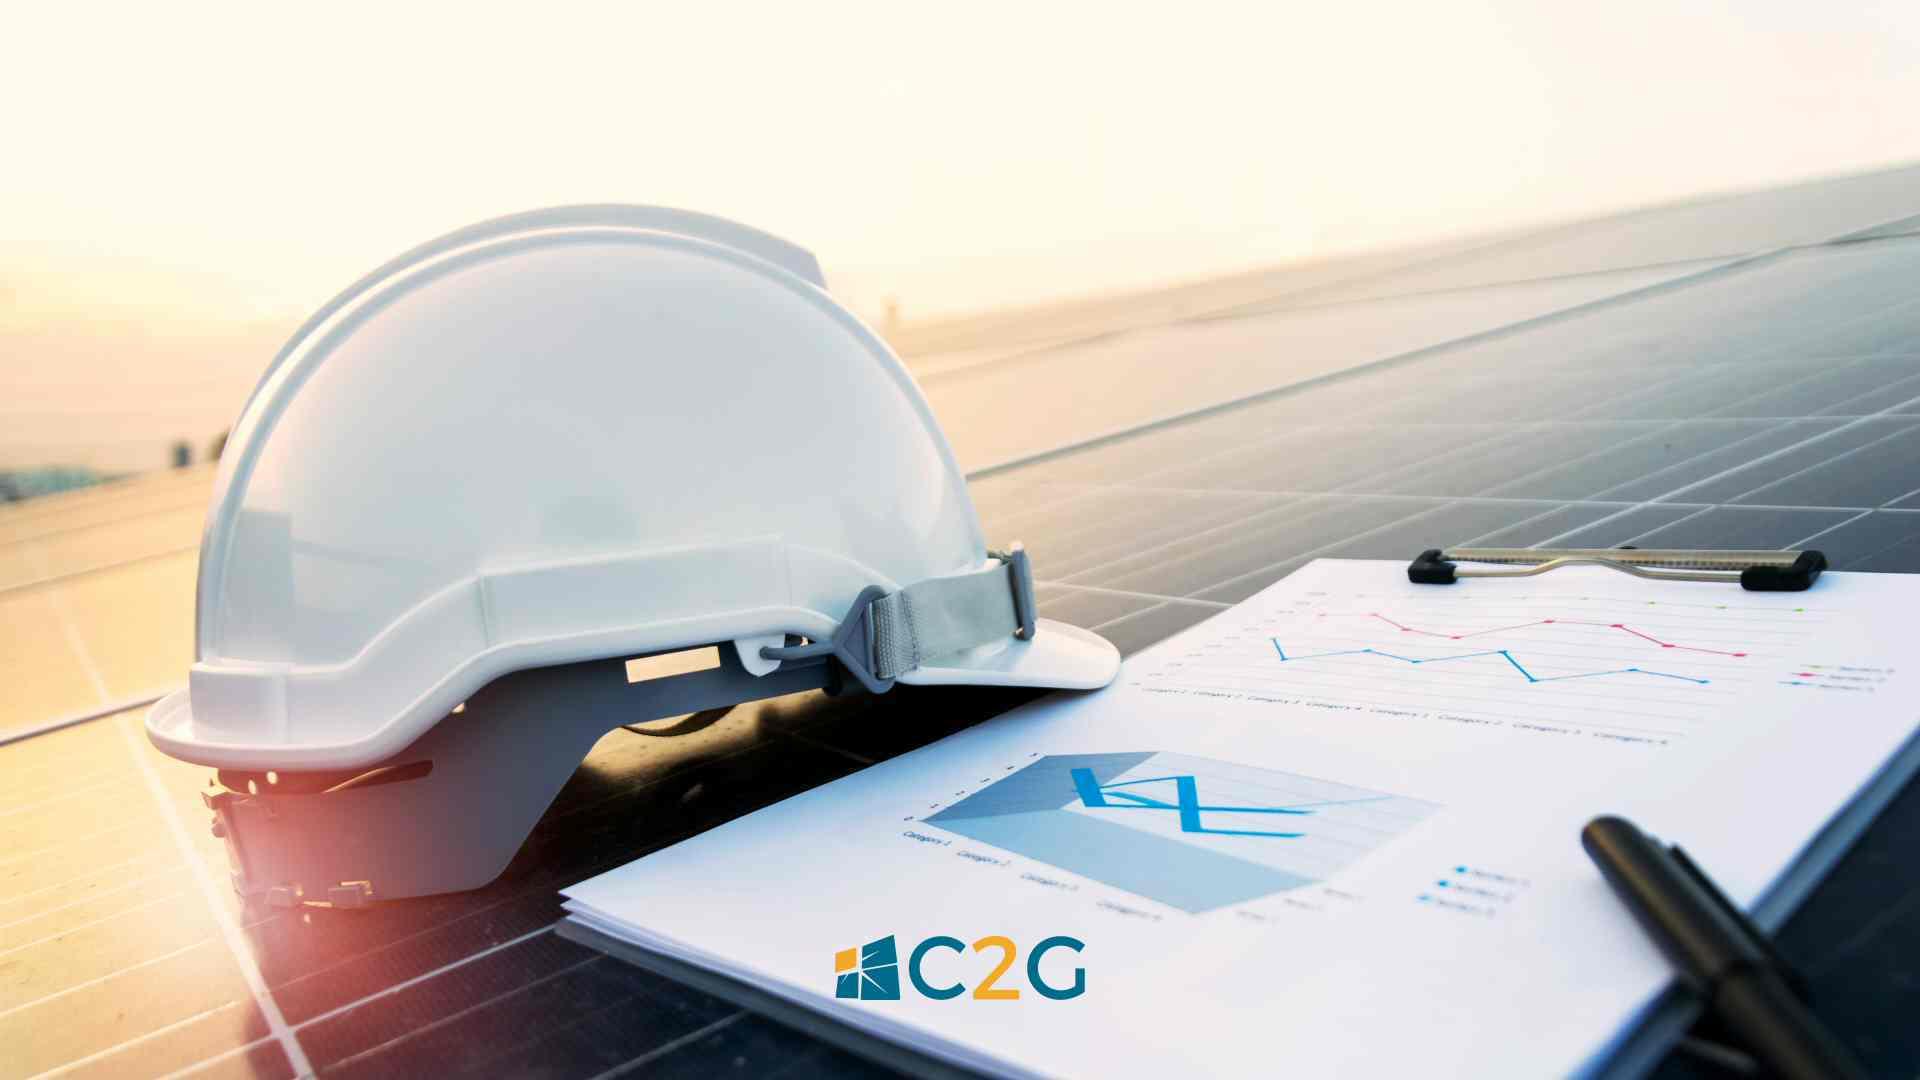 Impianto fotovoltaico Bergamo, Lecco, Monza e Brianza - C2G Solar